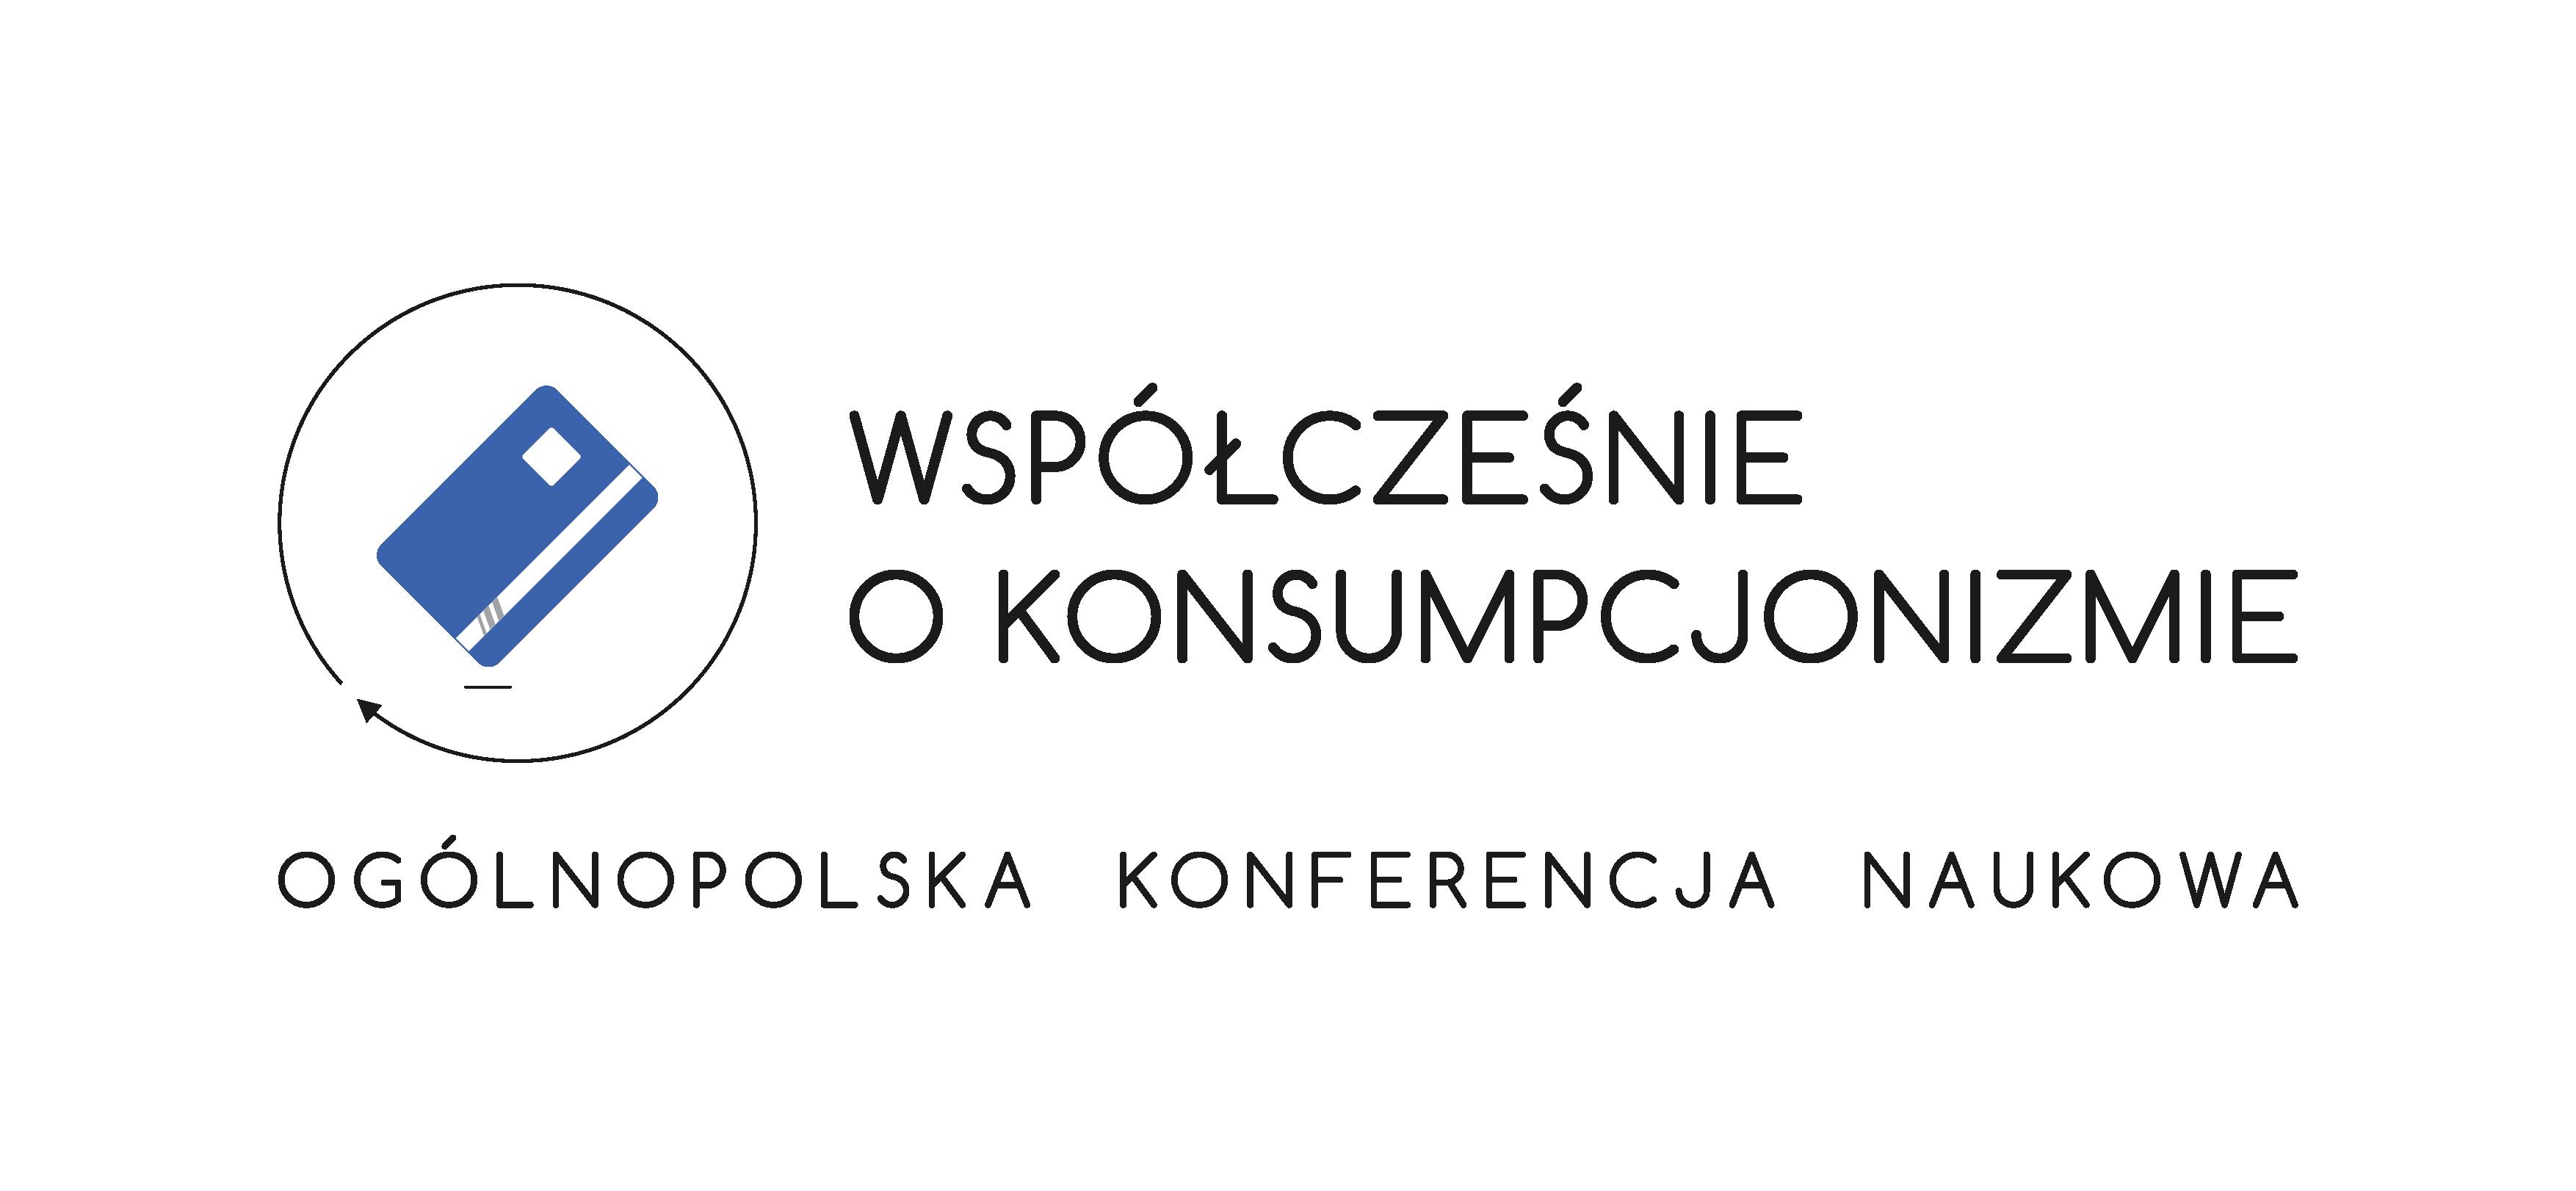 Ogólnopolska Konferencja Naukowa Współcześnie o konsumpcjonizmie